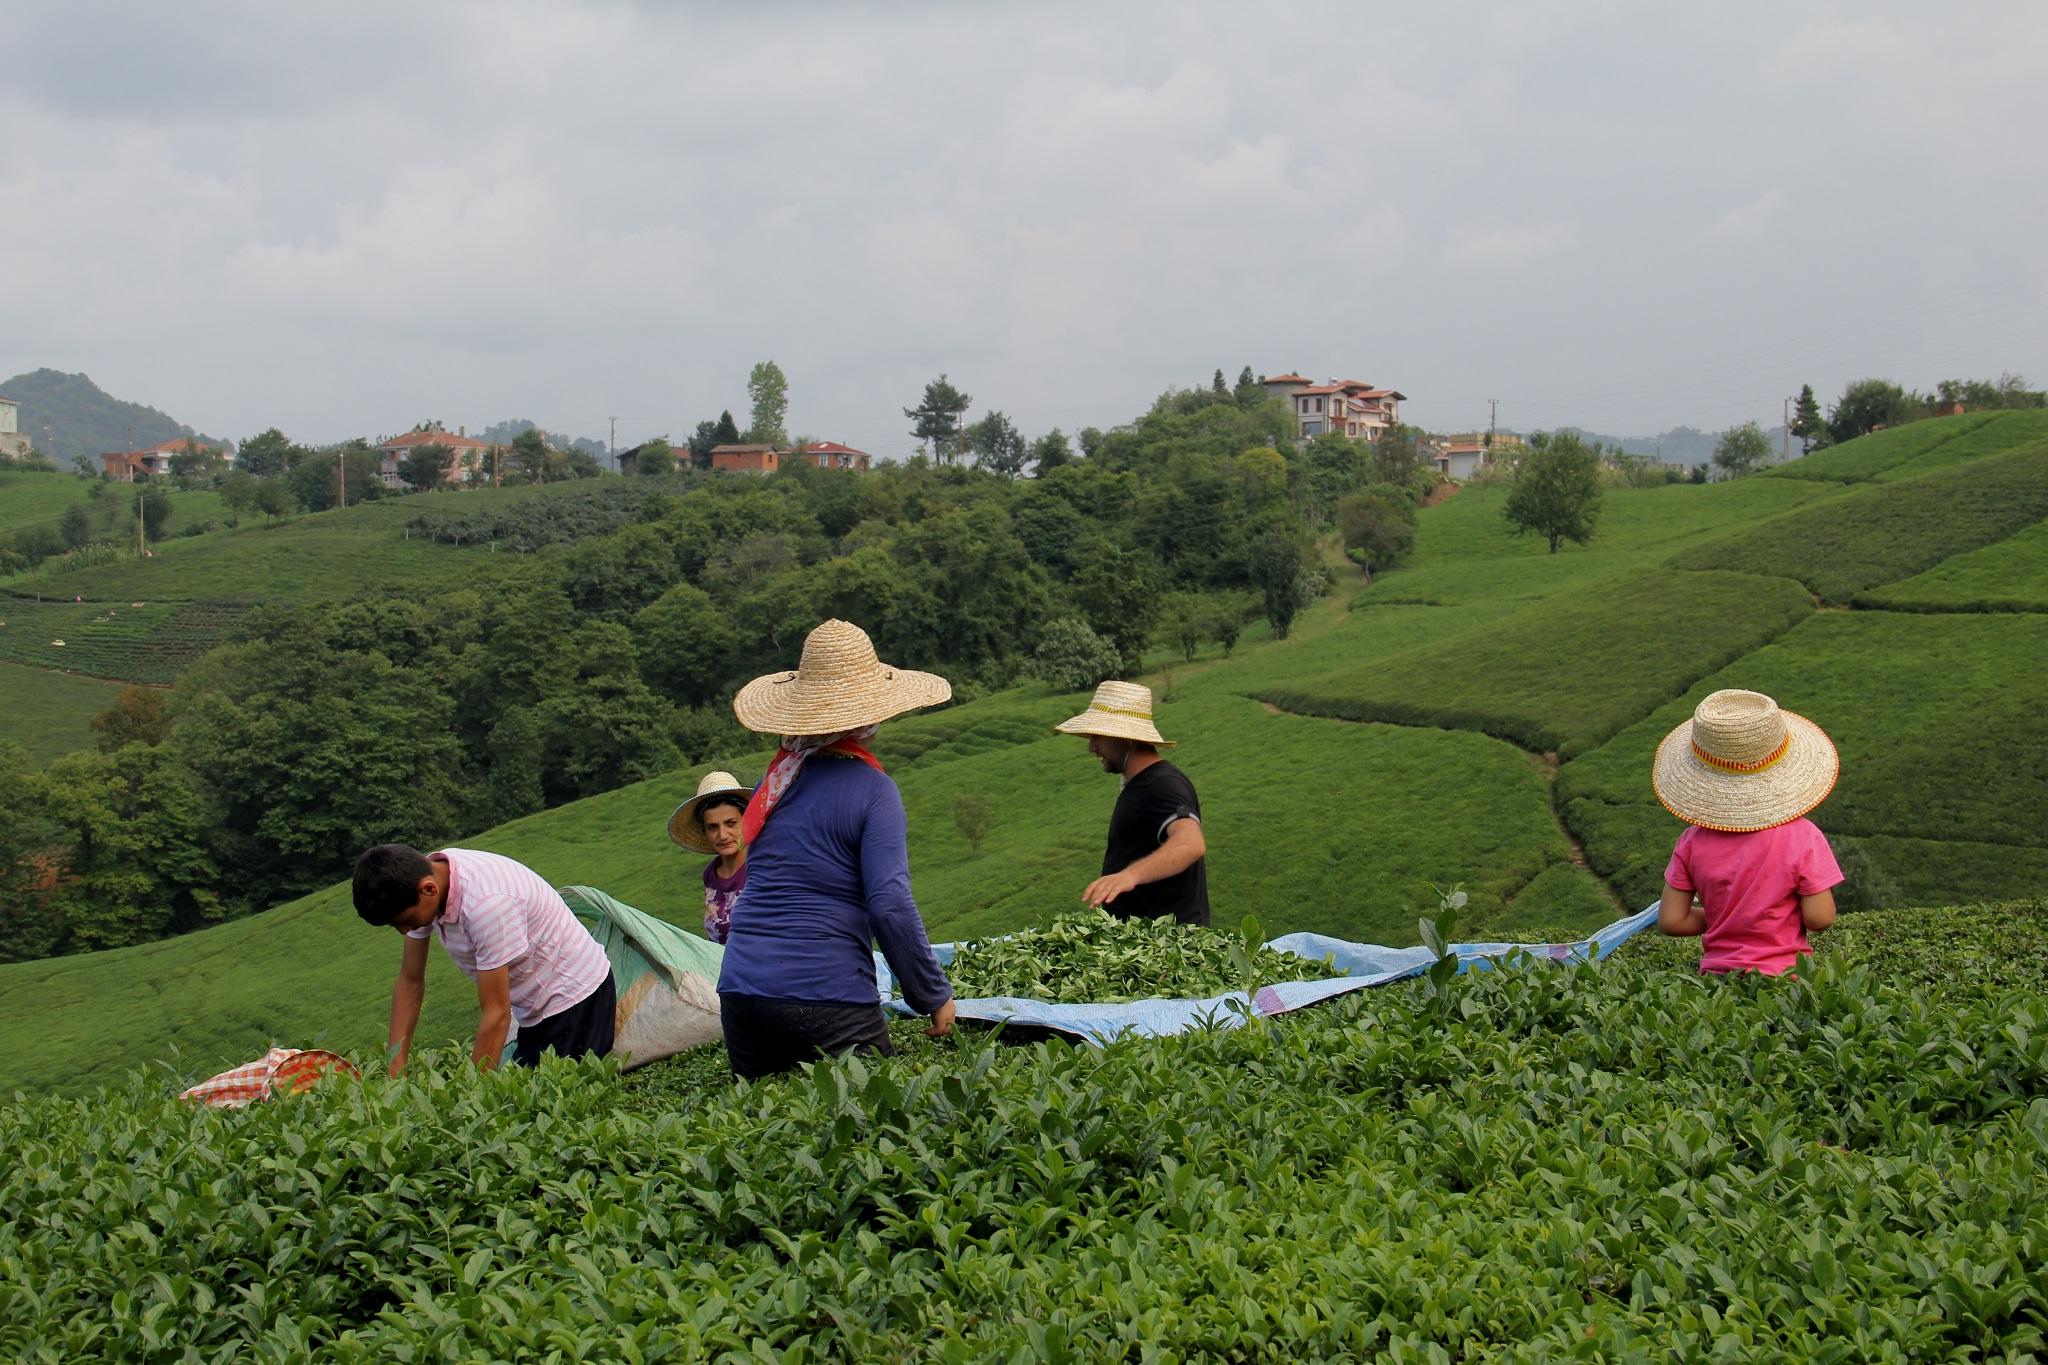 Çay fiyatı genelde olumlu bulundu